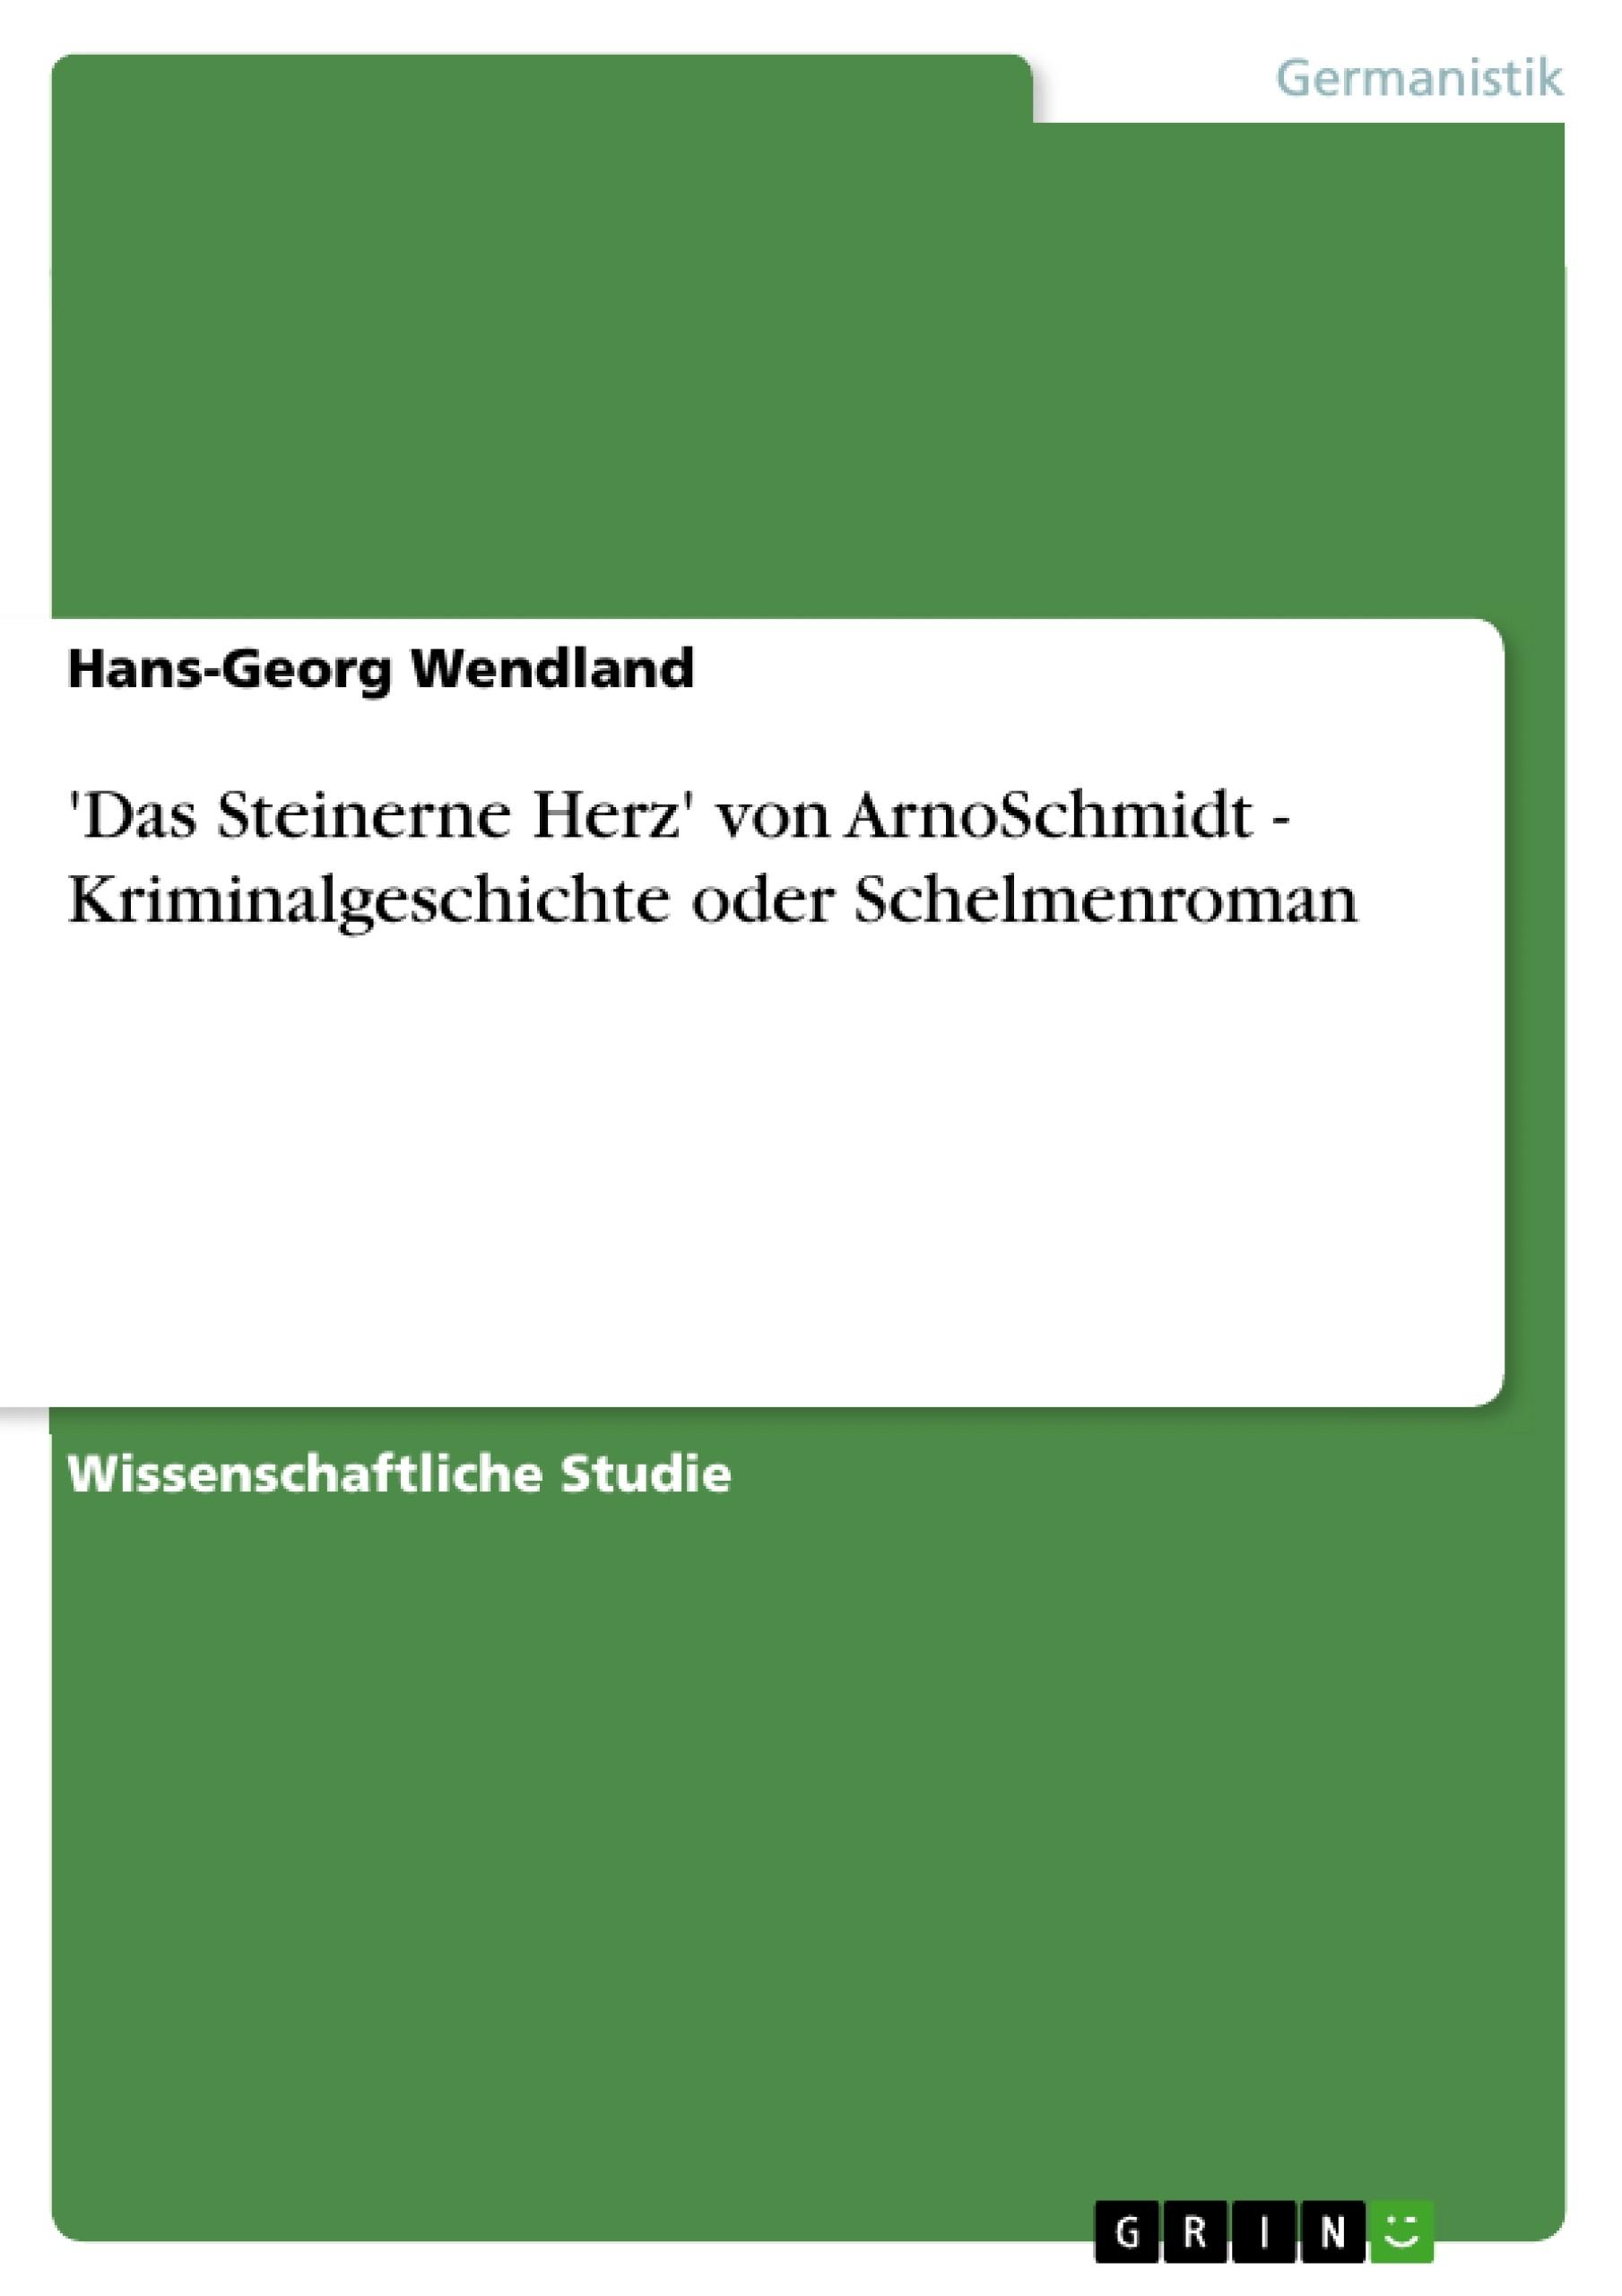 Titel: 'Das Steinerne Herz' von ArnoSchmidt - Kriminalgeschichte oder Schelmenroman